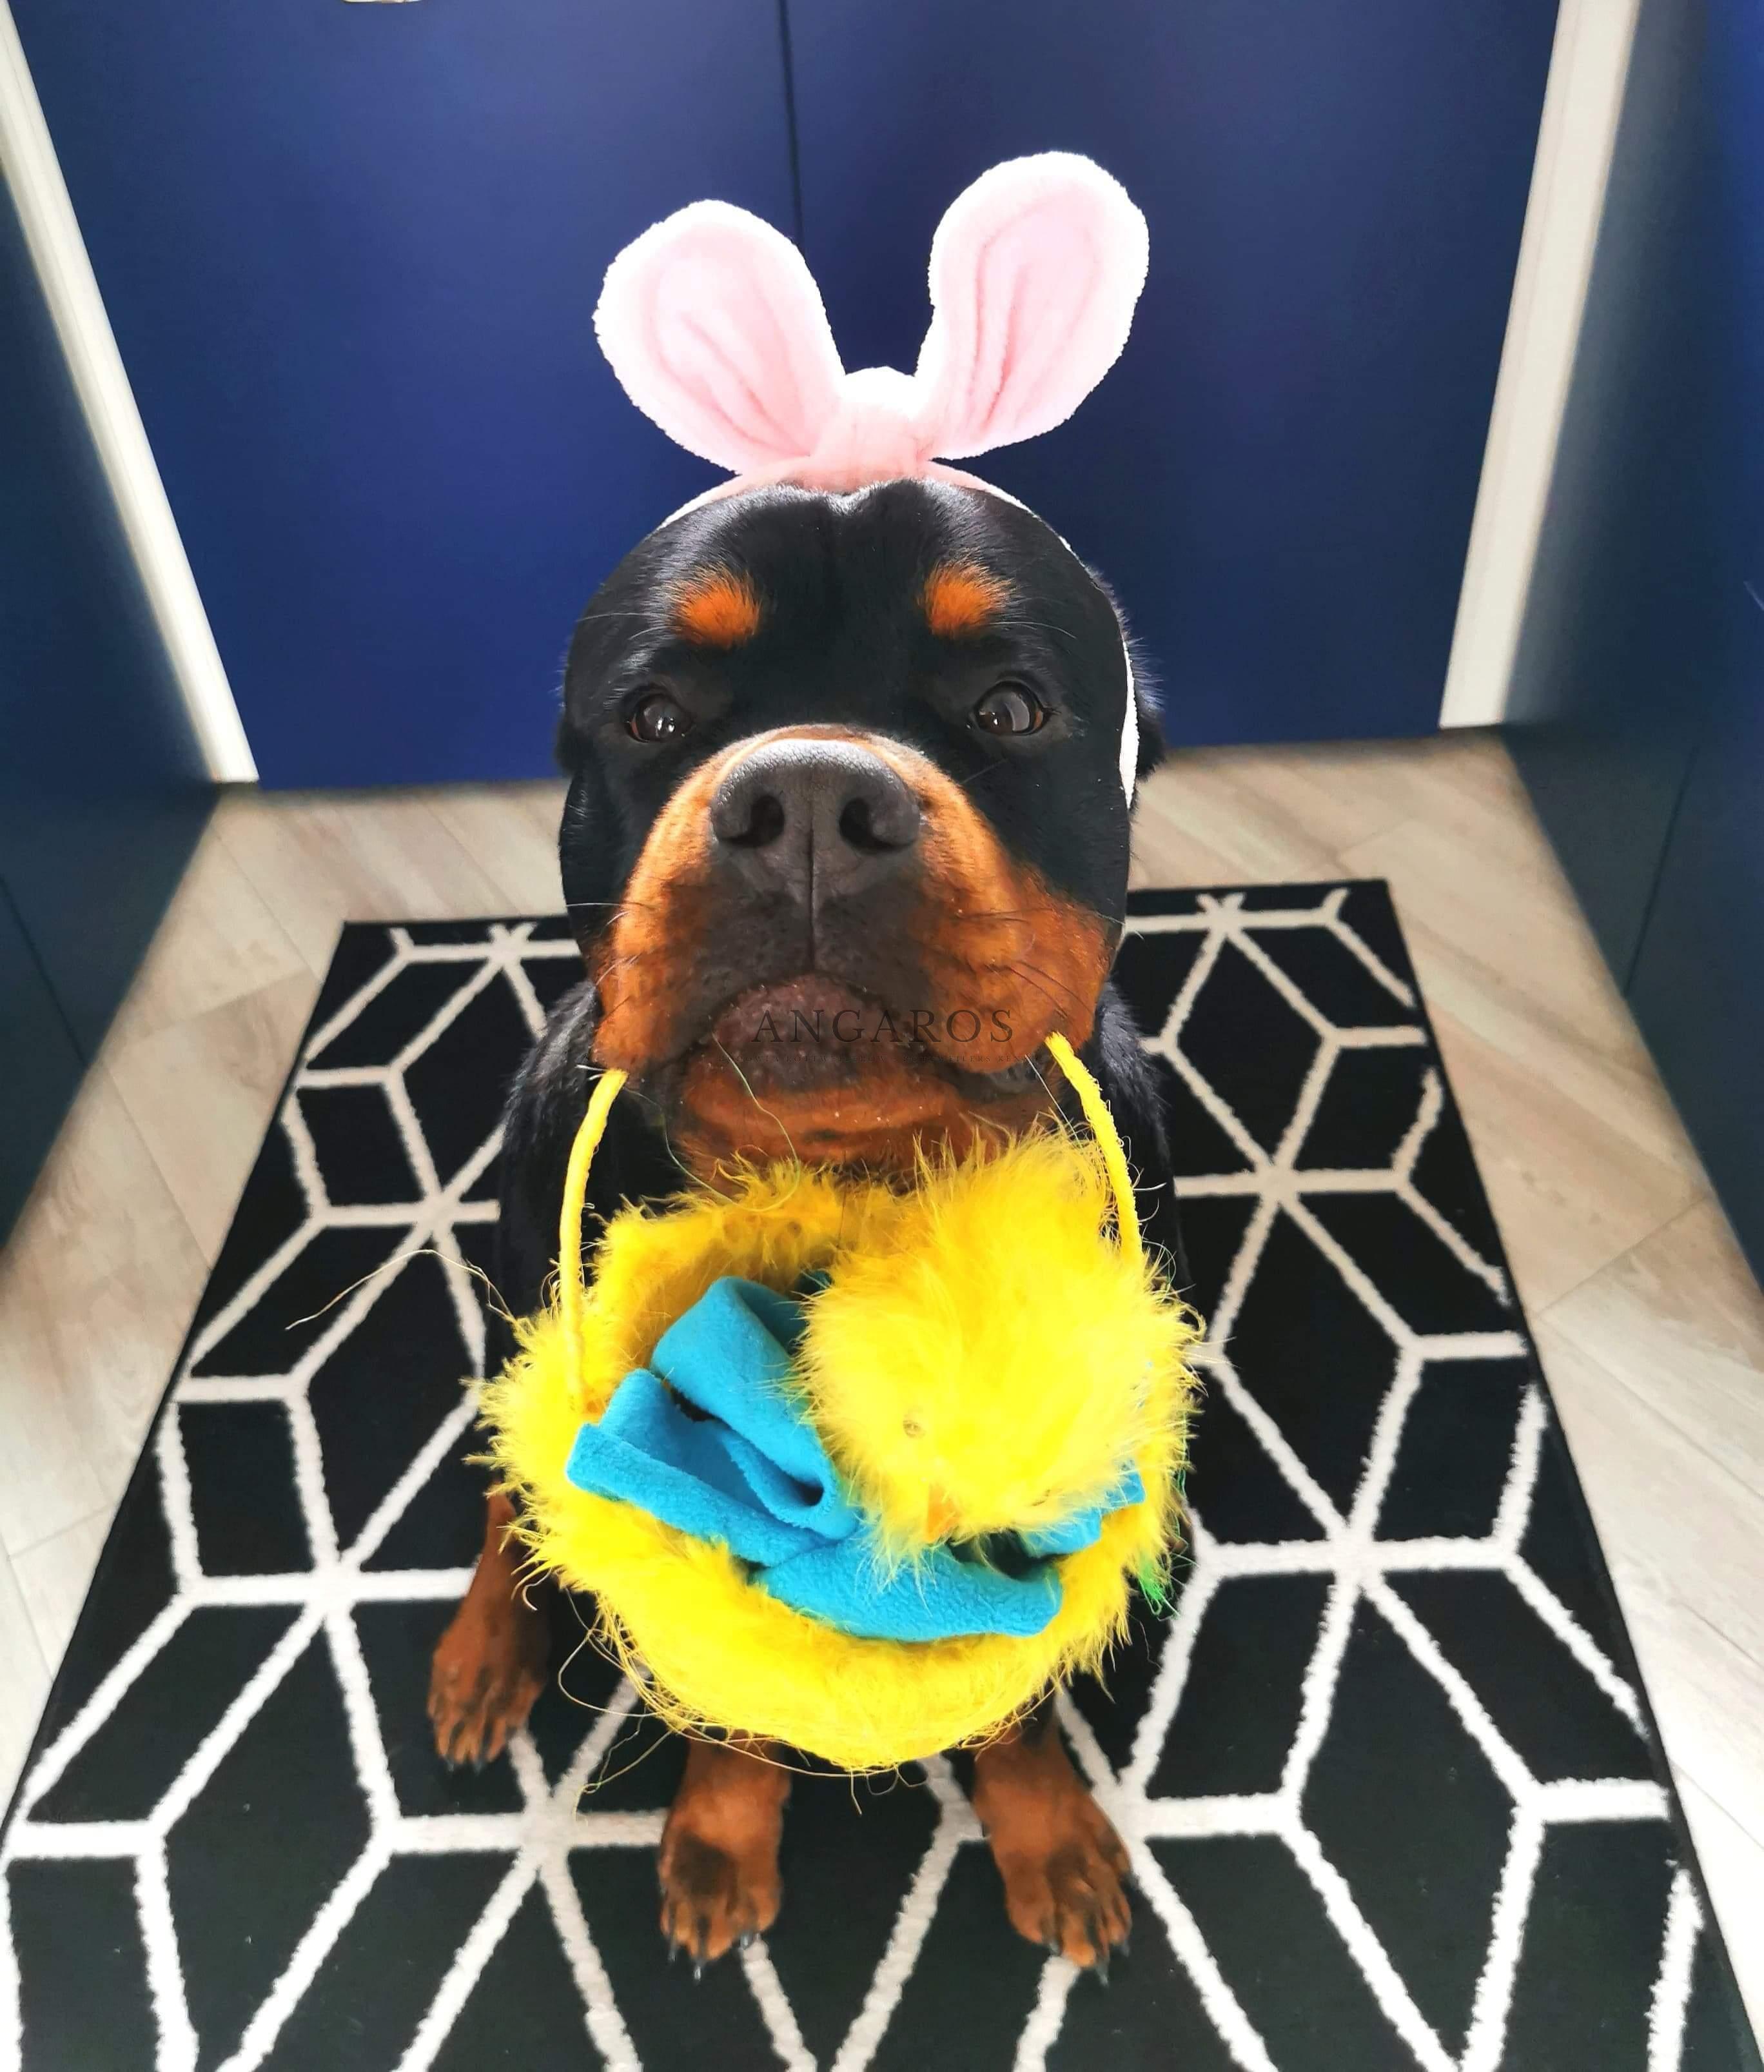 Wszystkim sympatykom, a także miłośnikom rasy rottweiler życzymy Wesołych Świąt! | Rottweiler - Hodowla Rottweilerów Angaros - Rottweilers - Rottweilery